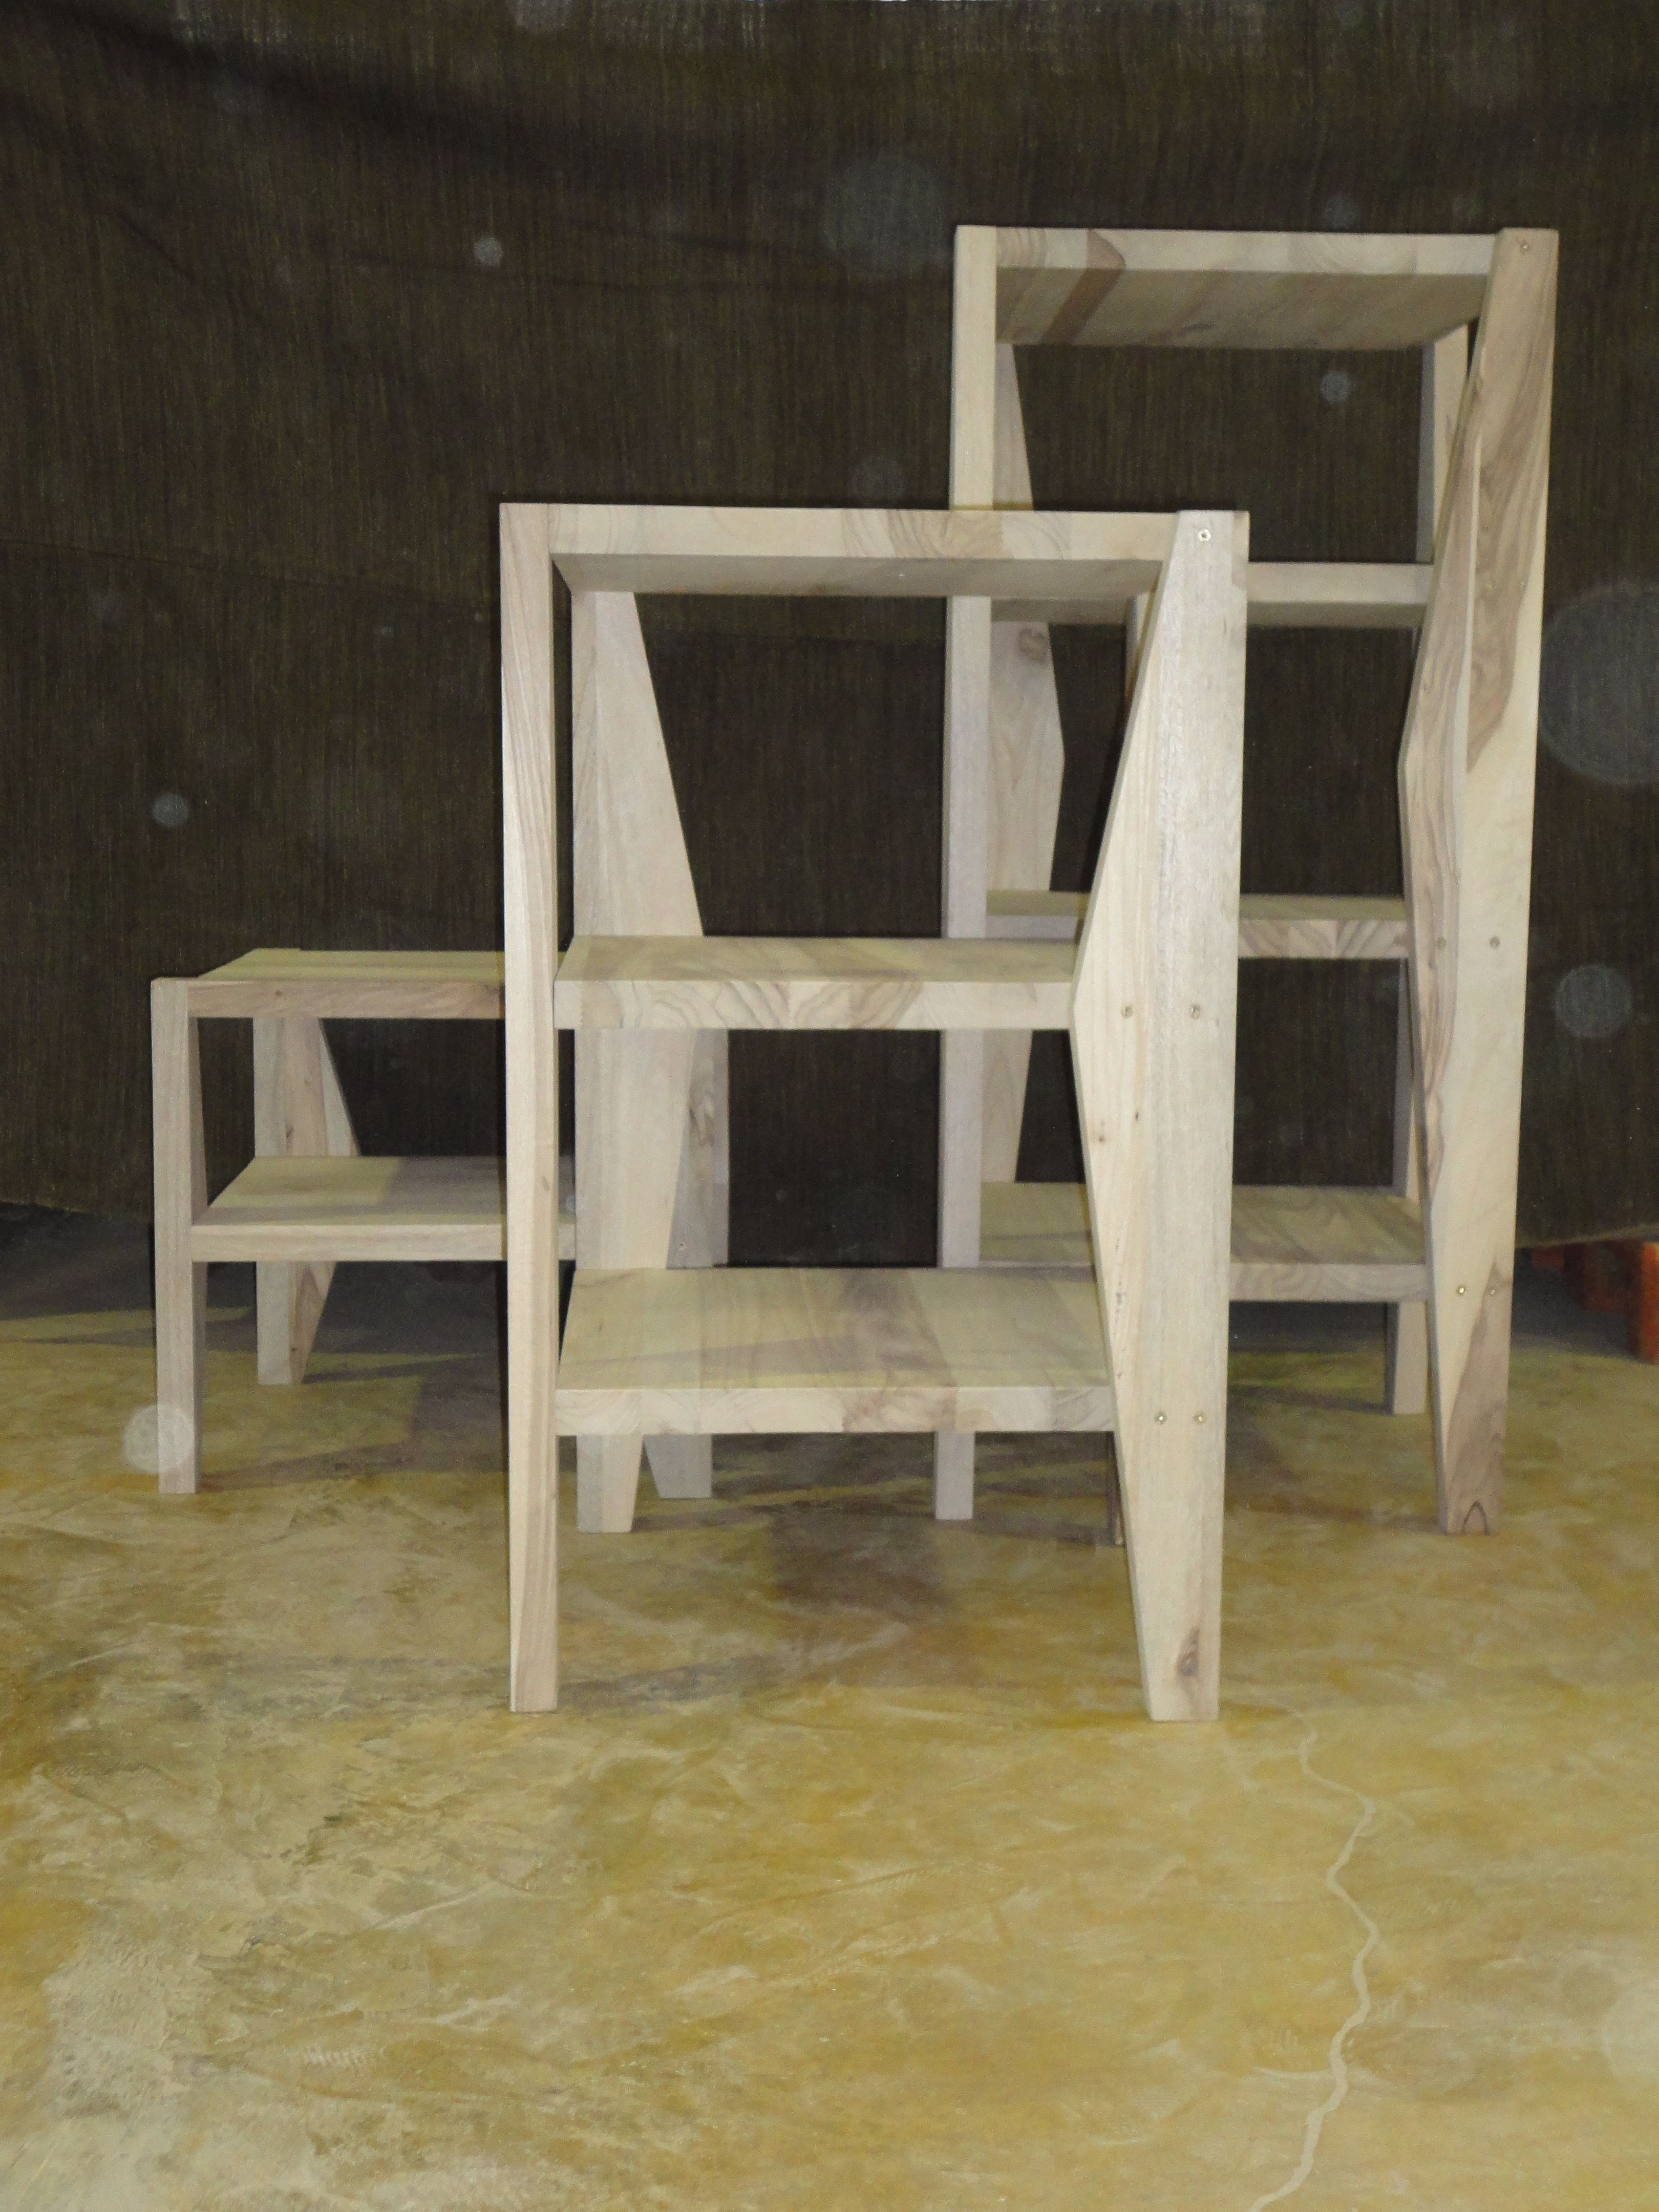 Gueridons Collection Roc Pour Bois Nature Guadeloupe Et Martinique Dessine Par Malain S Factory Decor Home Decor Furniture